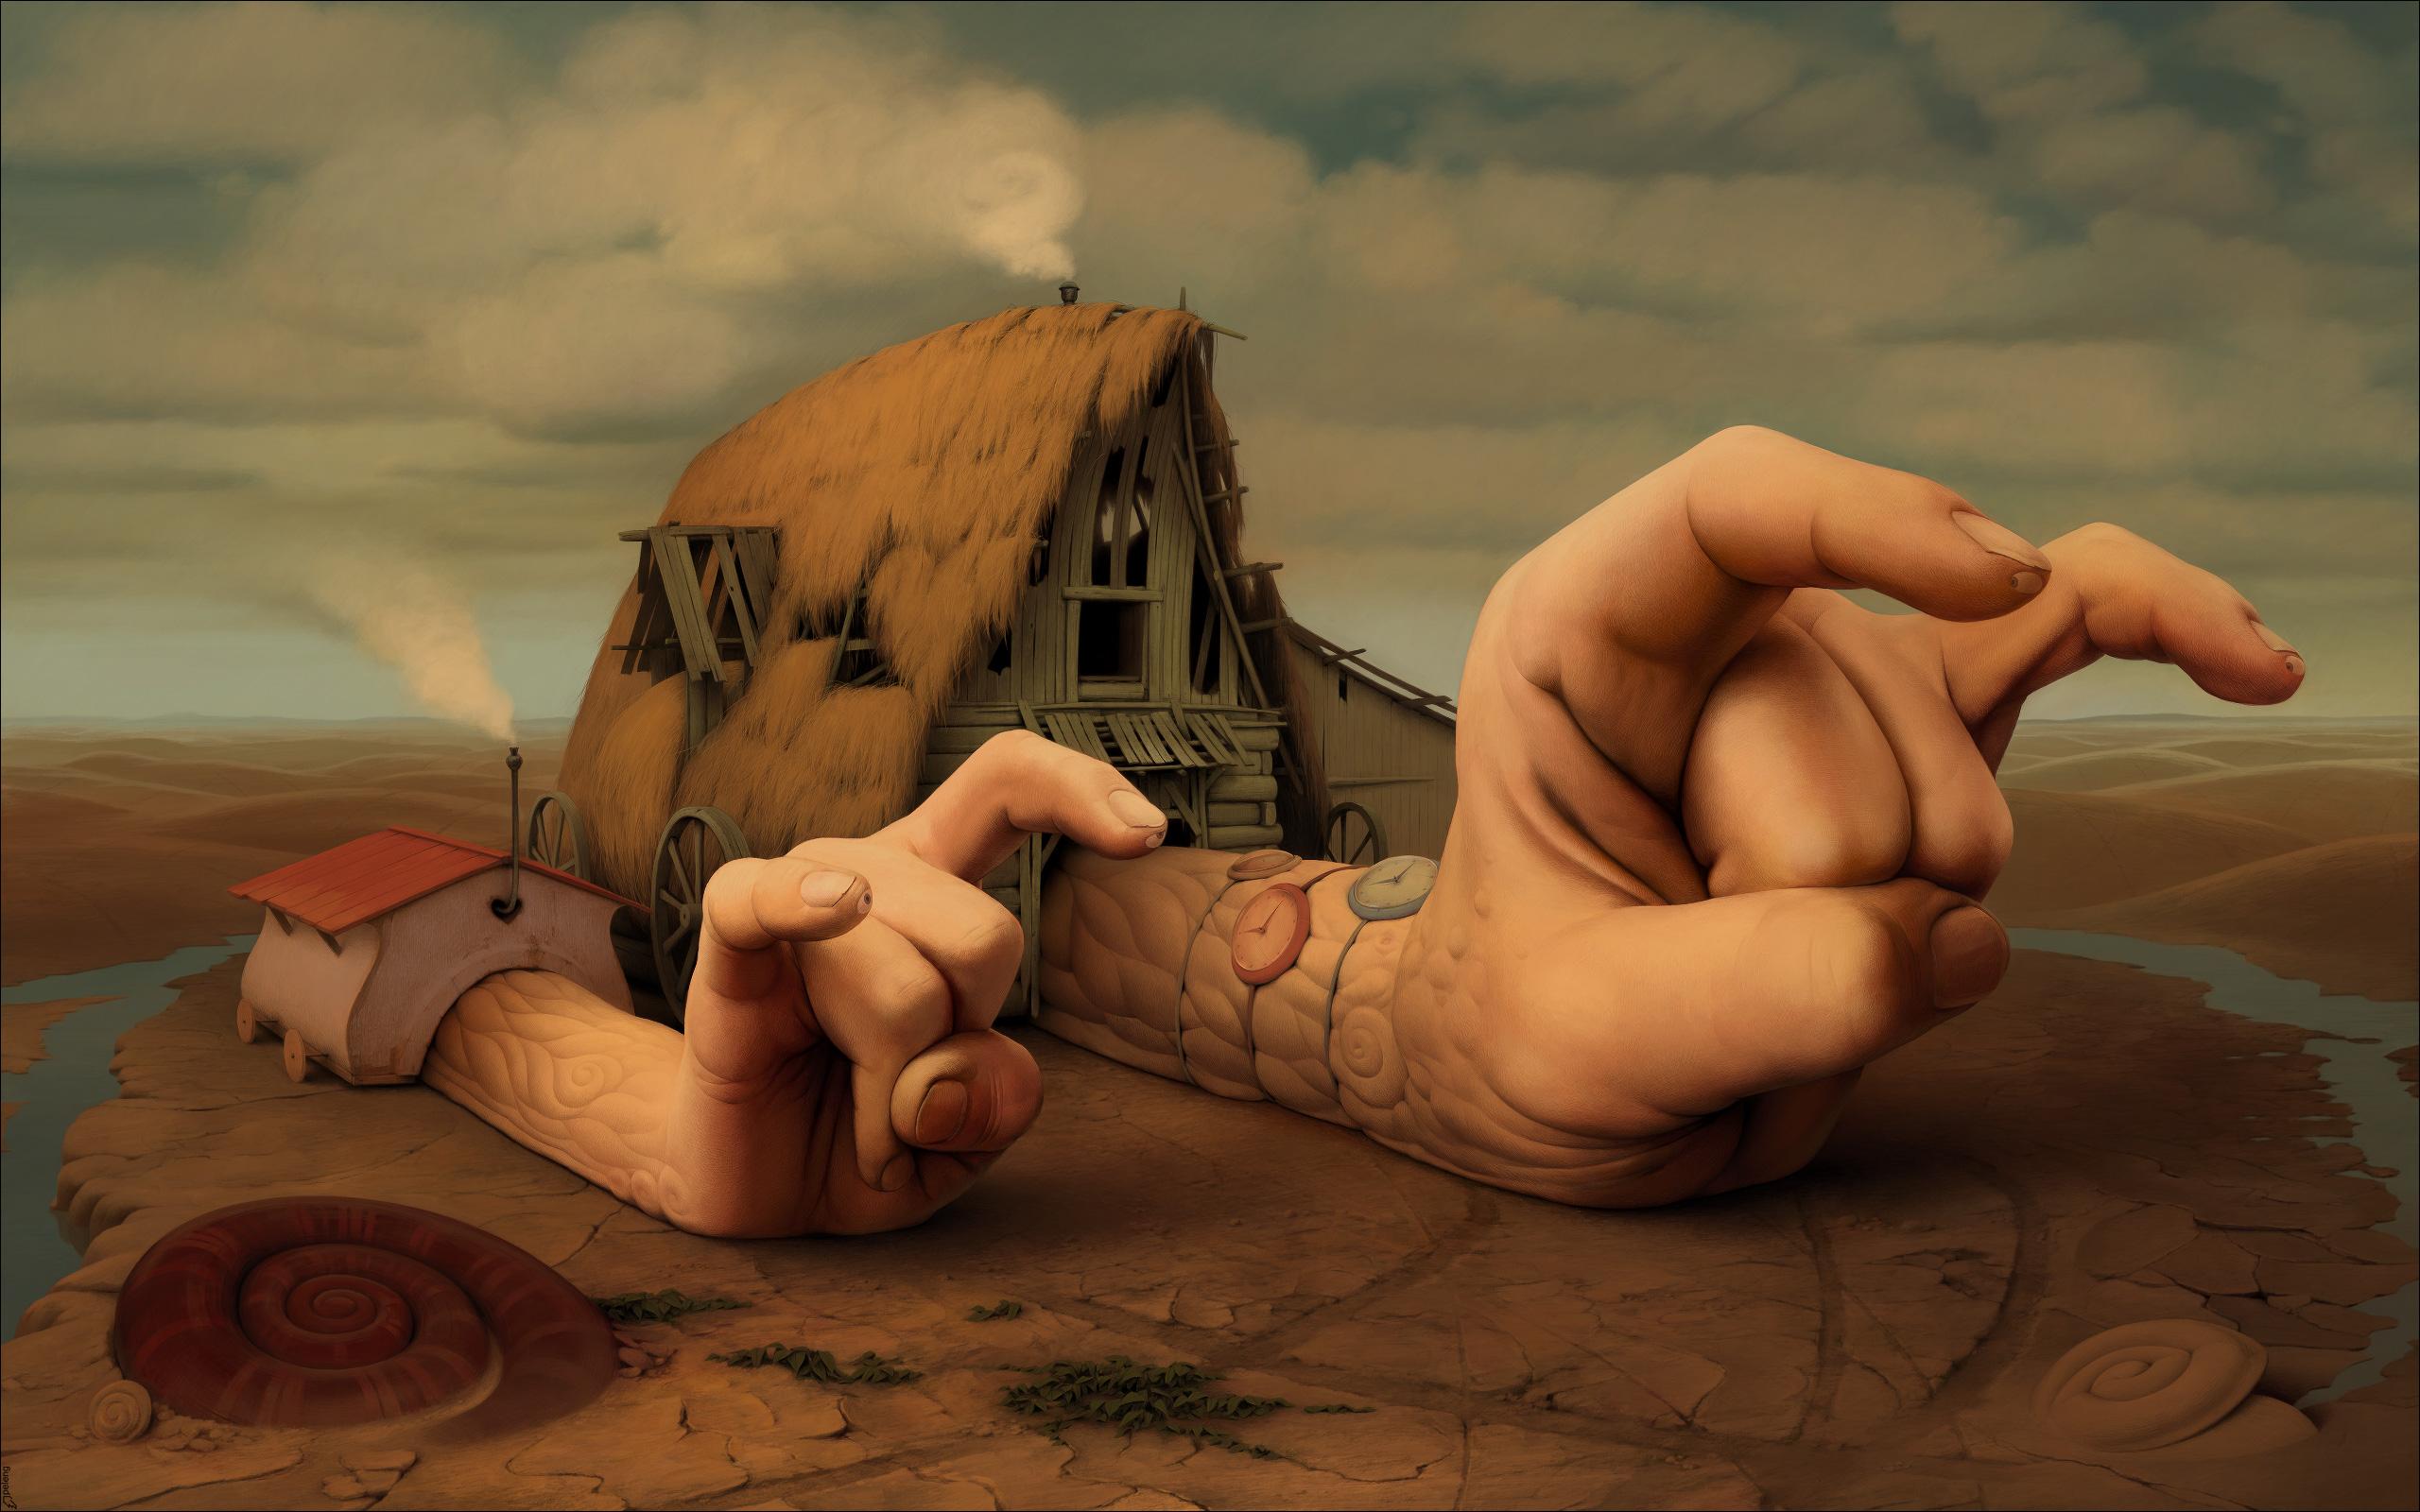 Российский художник-иллюстратор Сергей Колесов (Sergey Kolesov), также известный как Пеленг (Peleng)